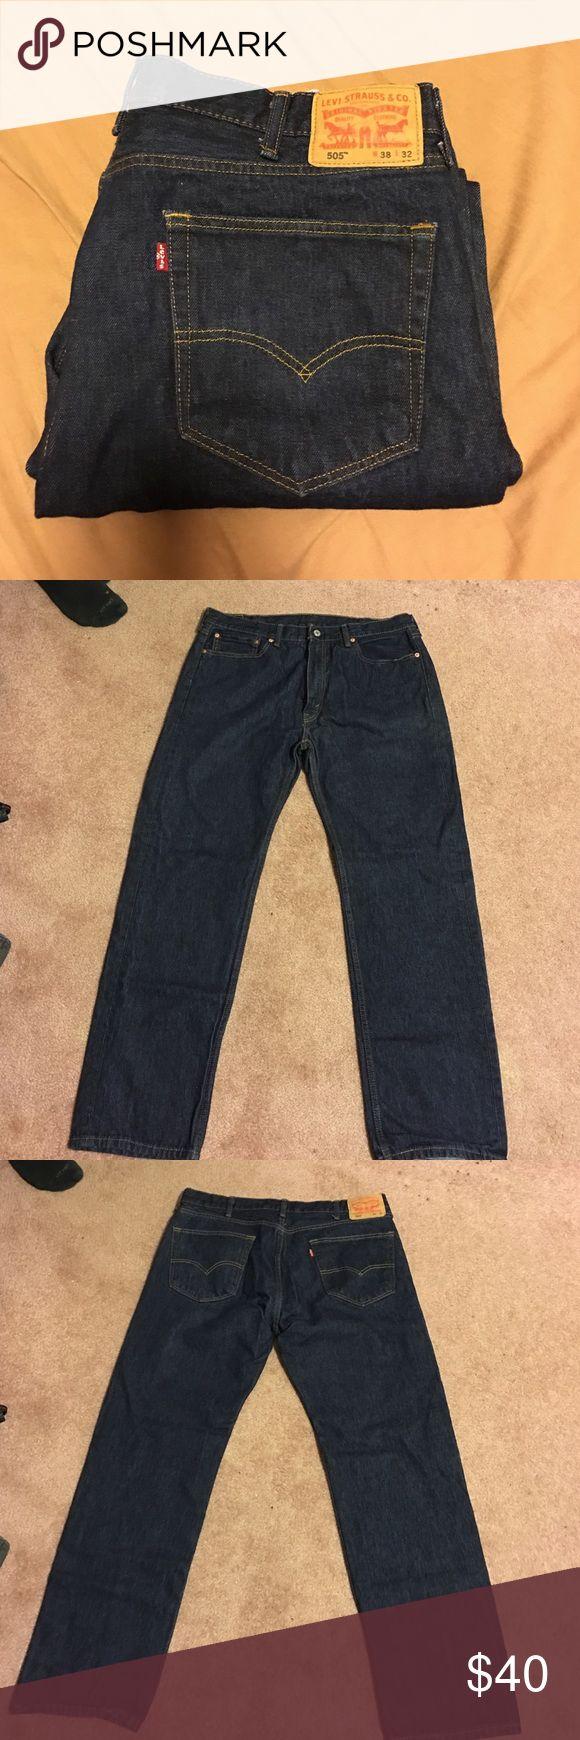 Men's LEVIS jeans 38x32 Men's Levi's jeans size 38x32 Levi's Jeans Straight